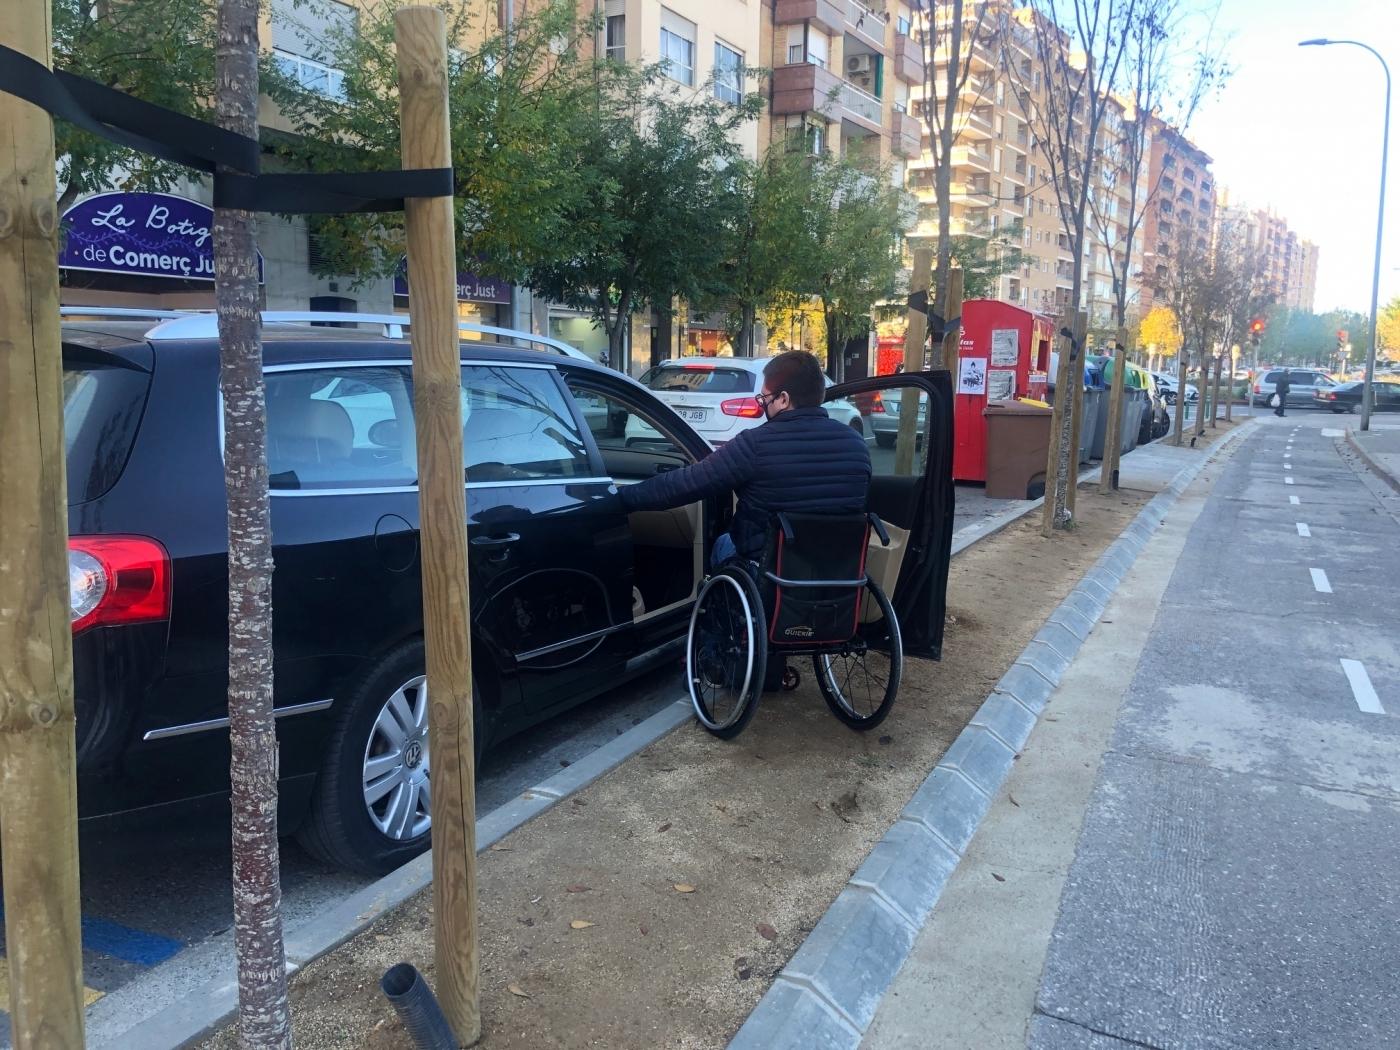 Trams del carril bici provoquen greus problemes de mobilitat a la ciutat de Lleida